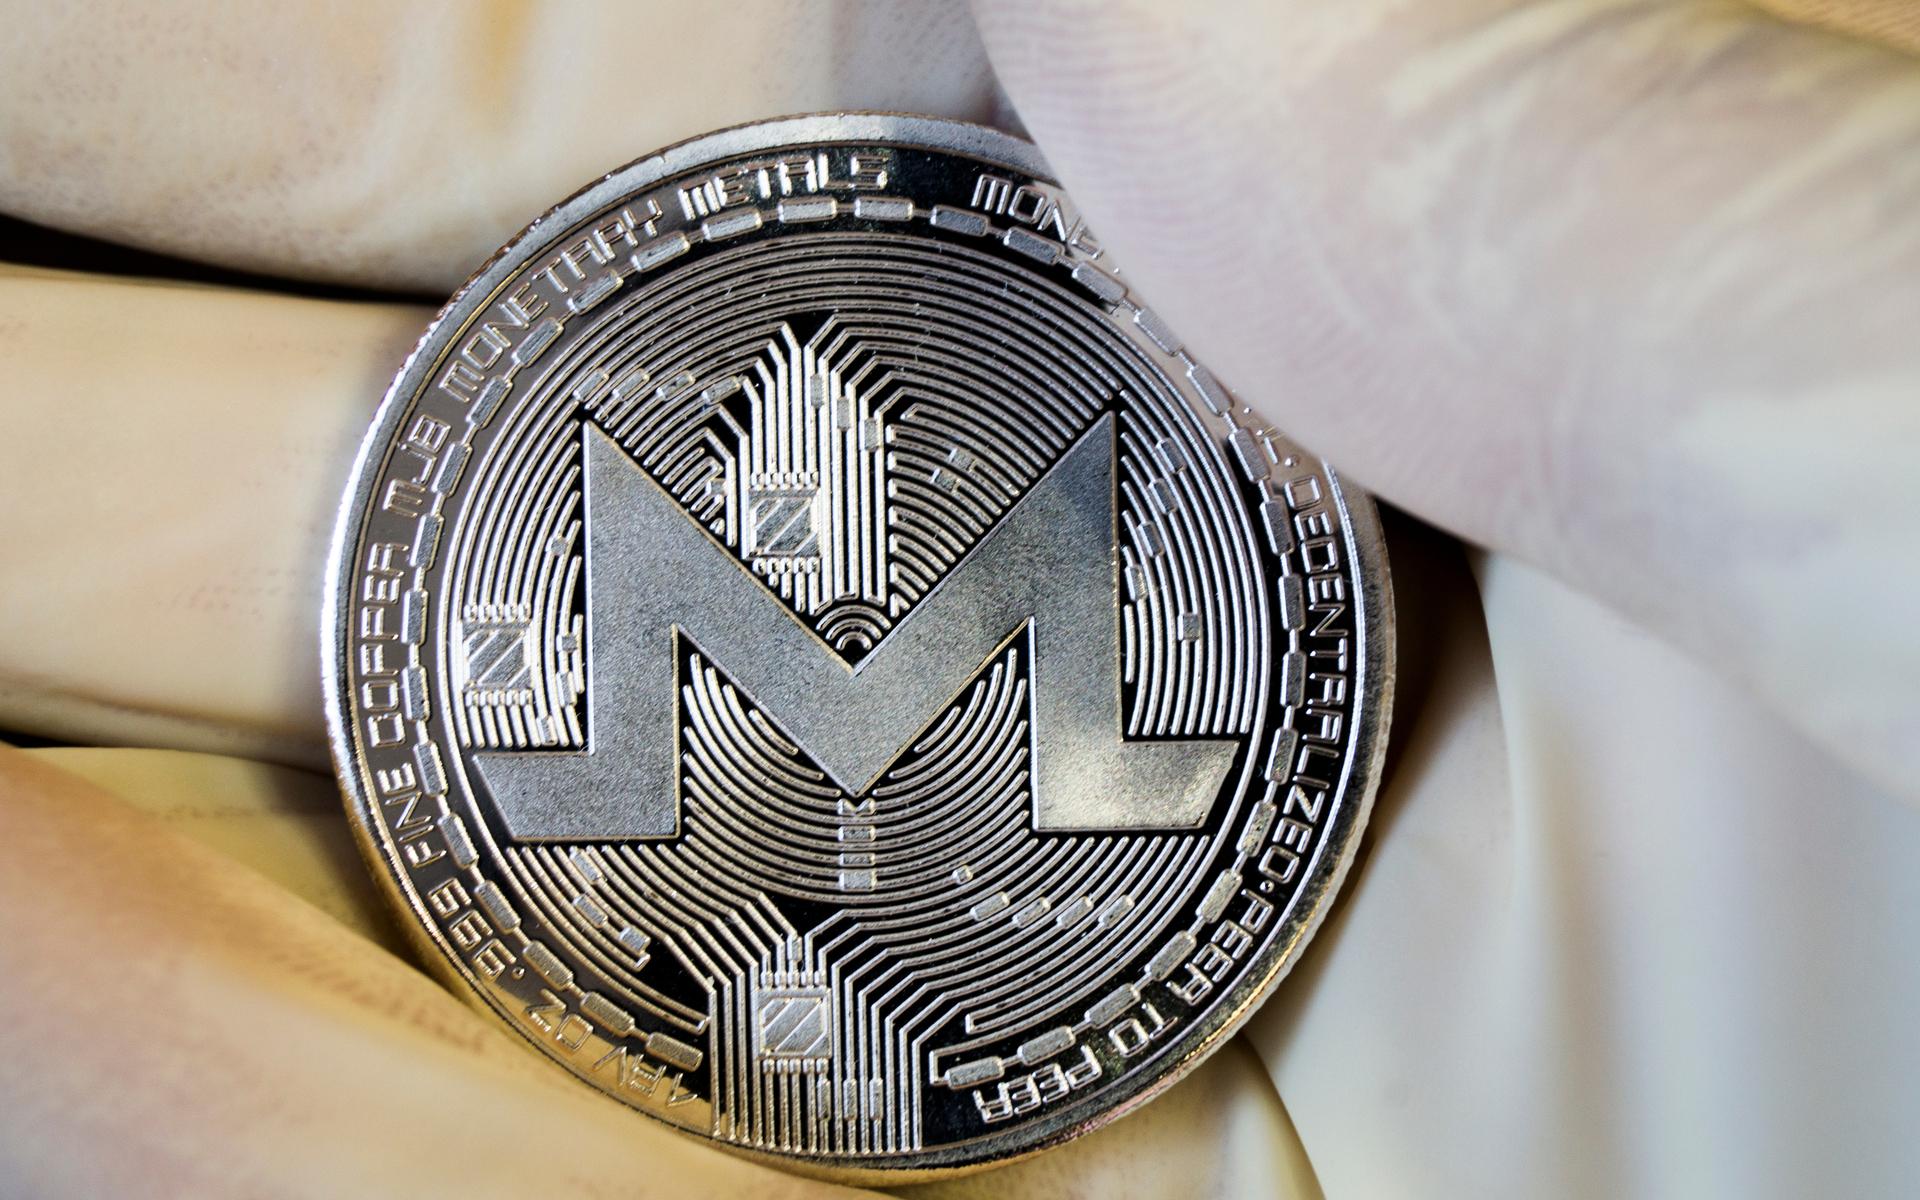 Đấu giá Monero (XMR) trực tuyến sẽ được tổ chức bởi một công ty tư nhân